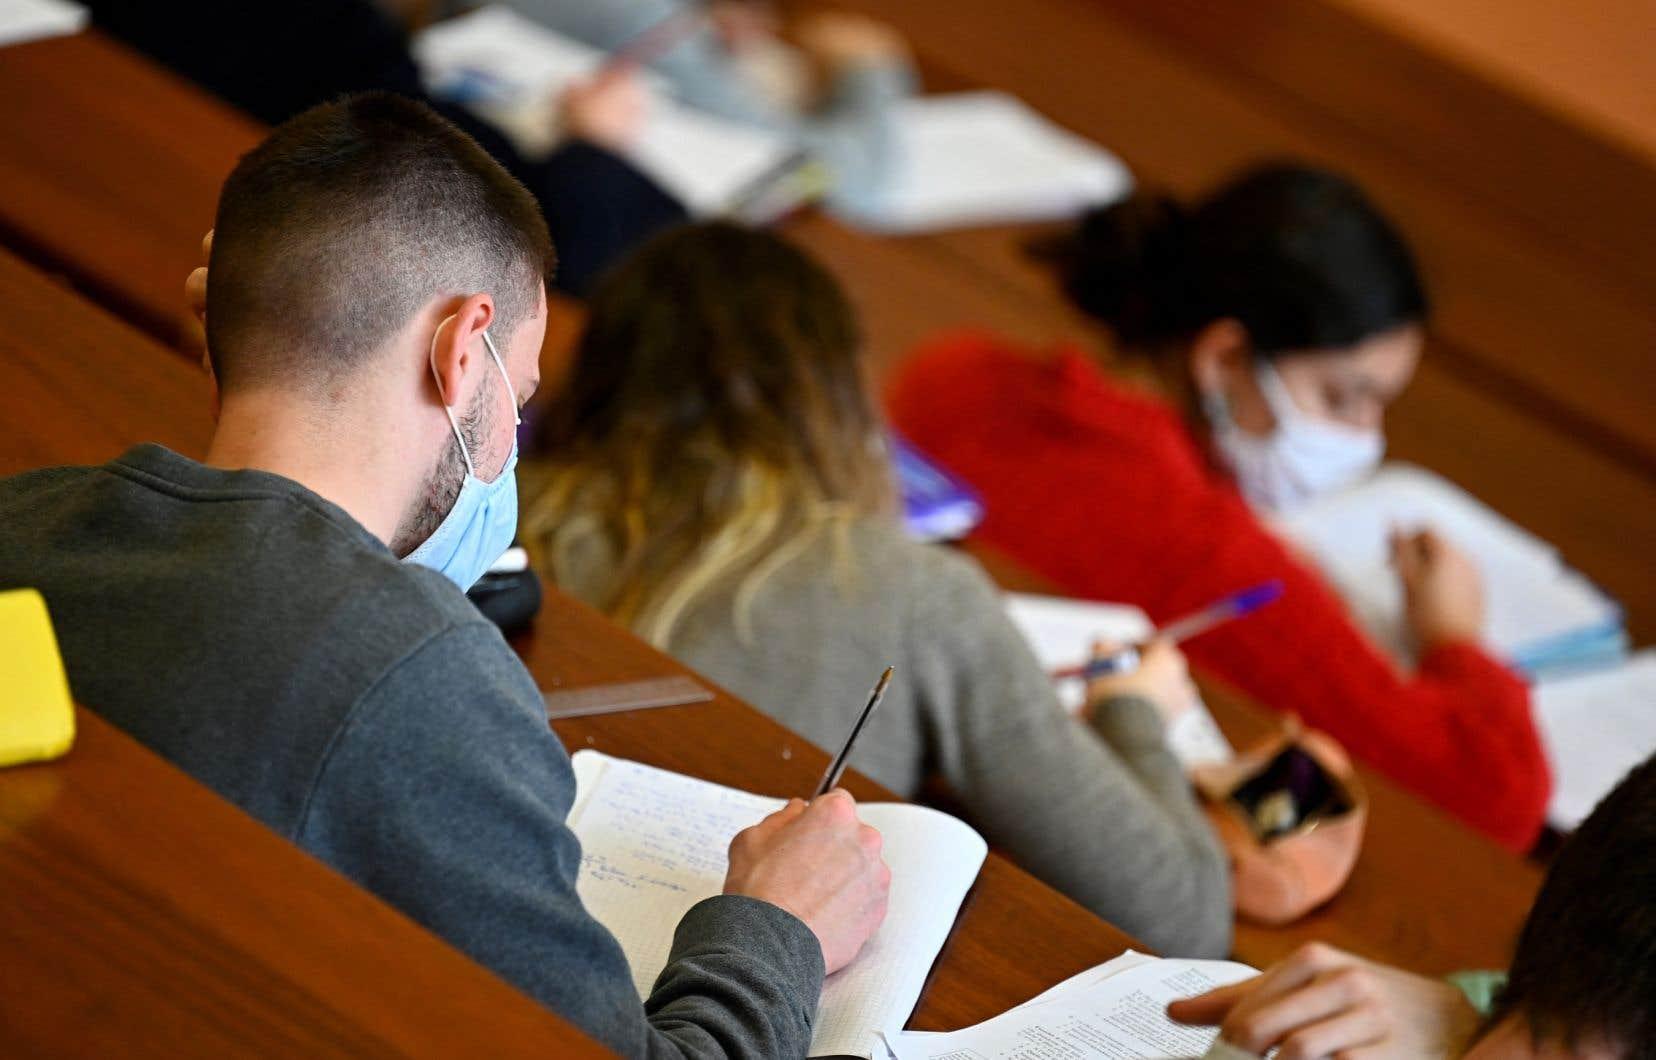 Le phénomène est mondial, mais la tendance à l'anglicisation de l'enseignement supérieur s'accélère, selon un rapport de l'Association des étudiantes et des étudiants de Laval inscrits aux études supérieures (AELIES).